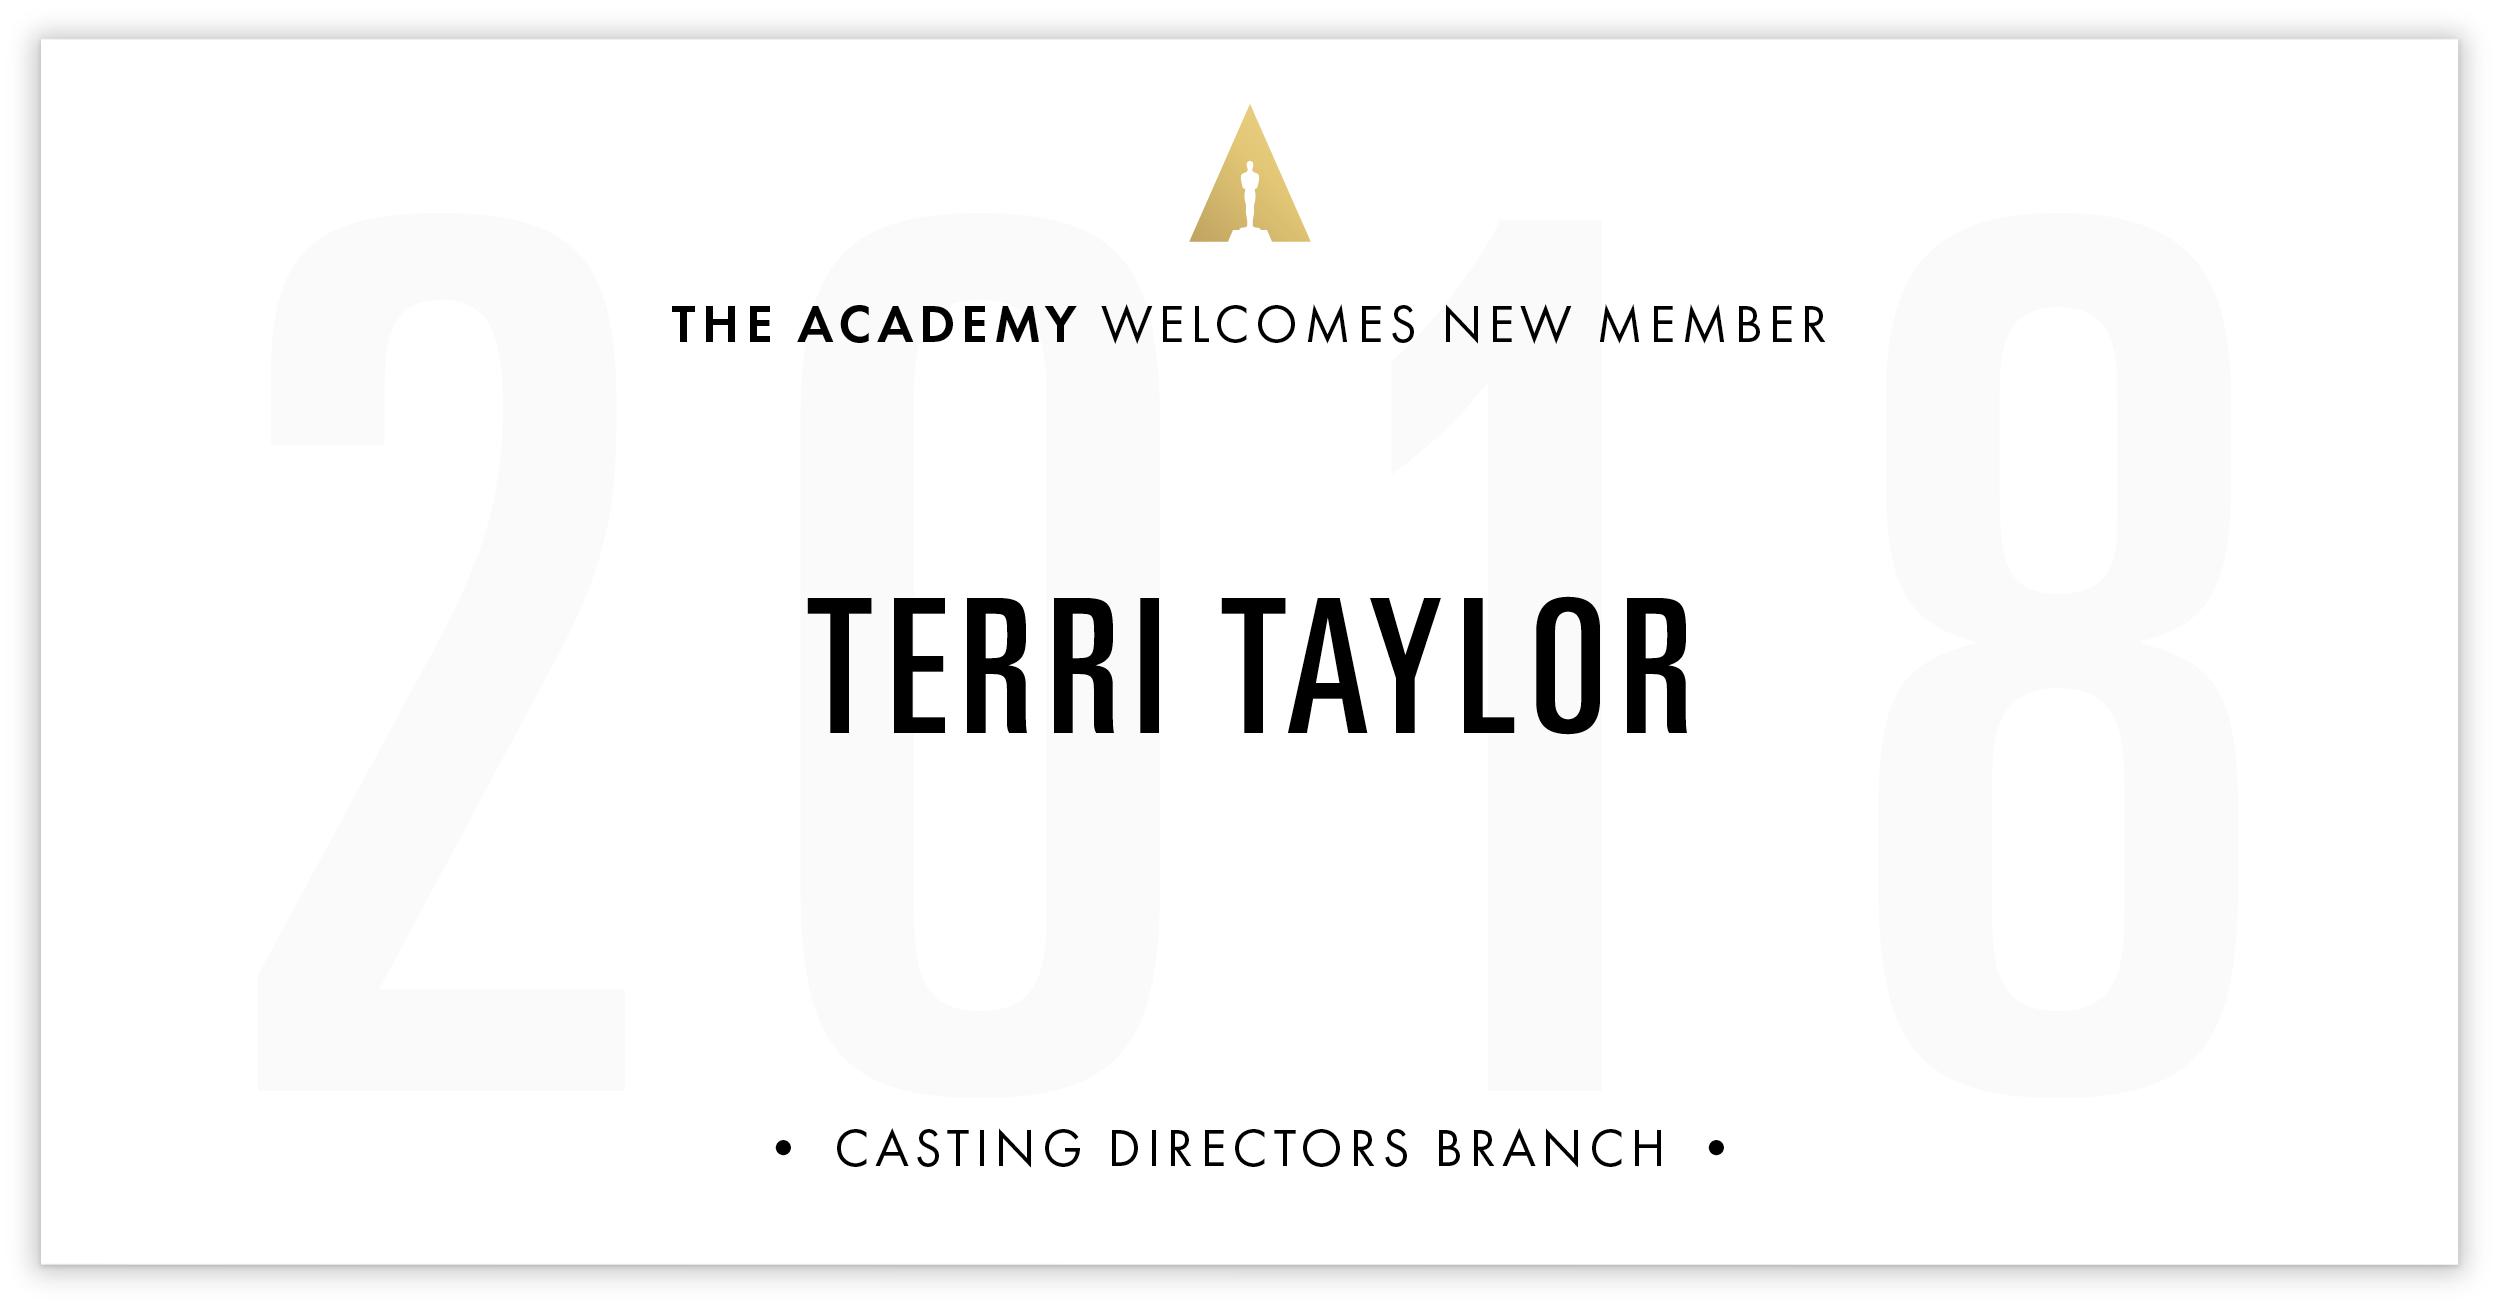 Terri Taylor is invited!